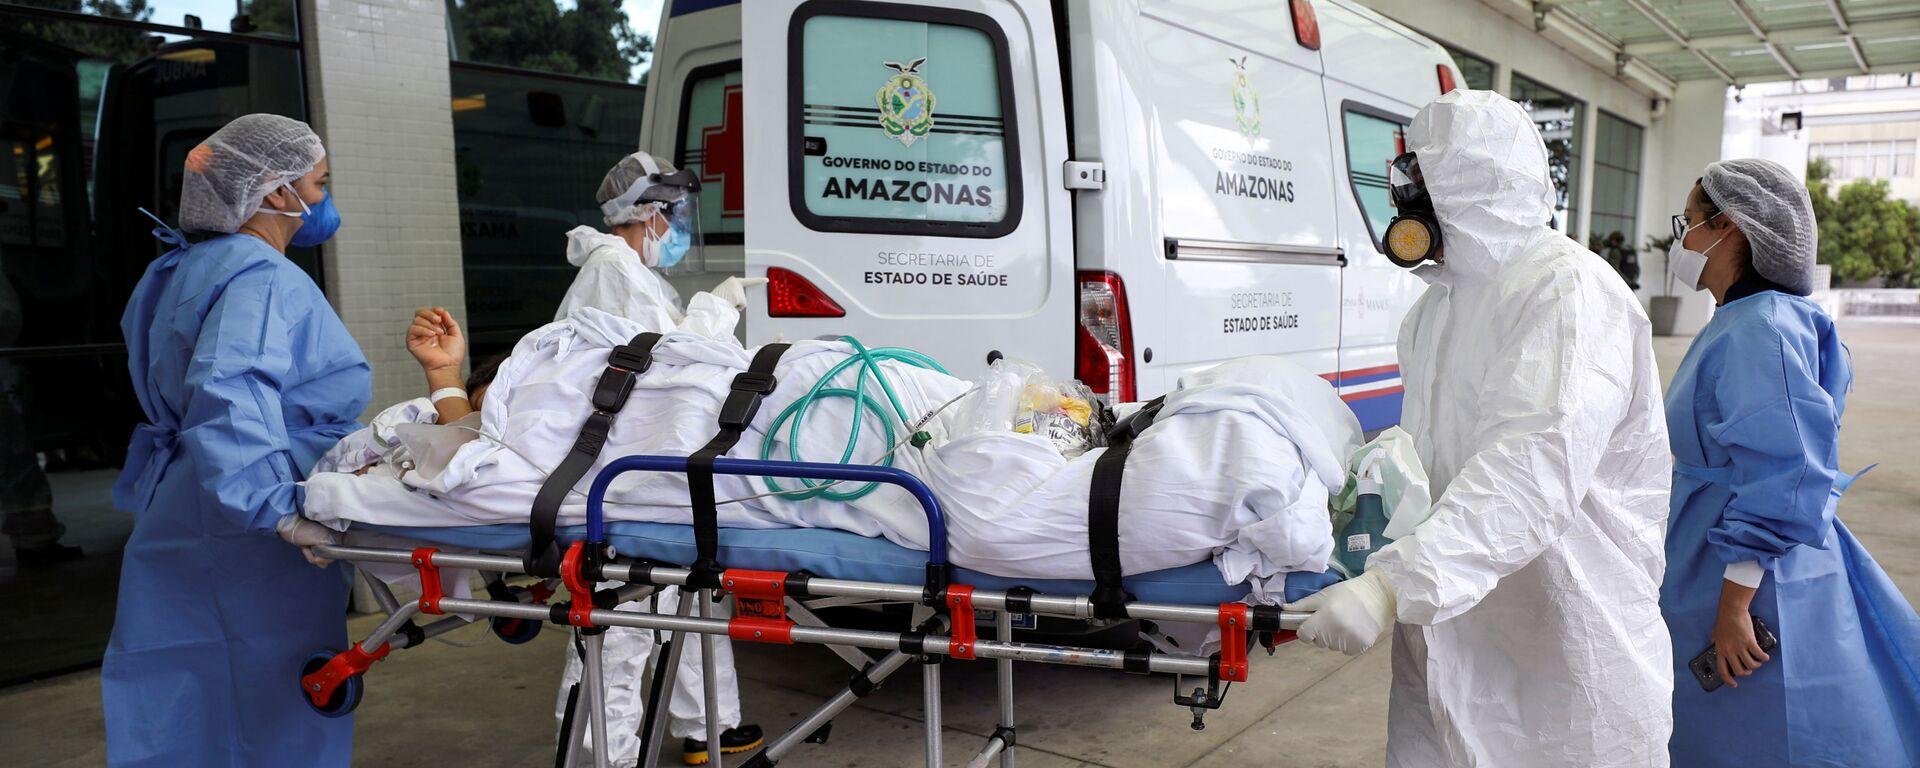 Ambulancia trasladando a un enfermo de COVID-19 en Manaos, Brasil - Sputnik Mundo, 1920, 30.01.2021